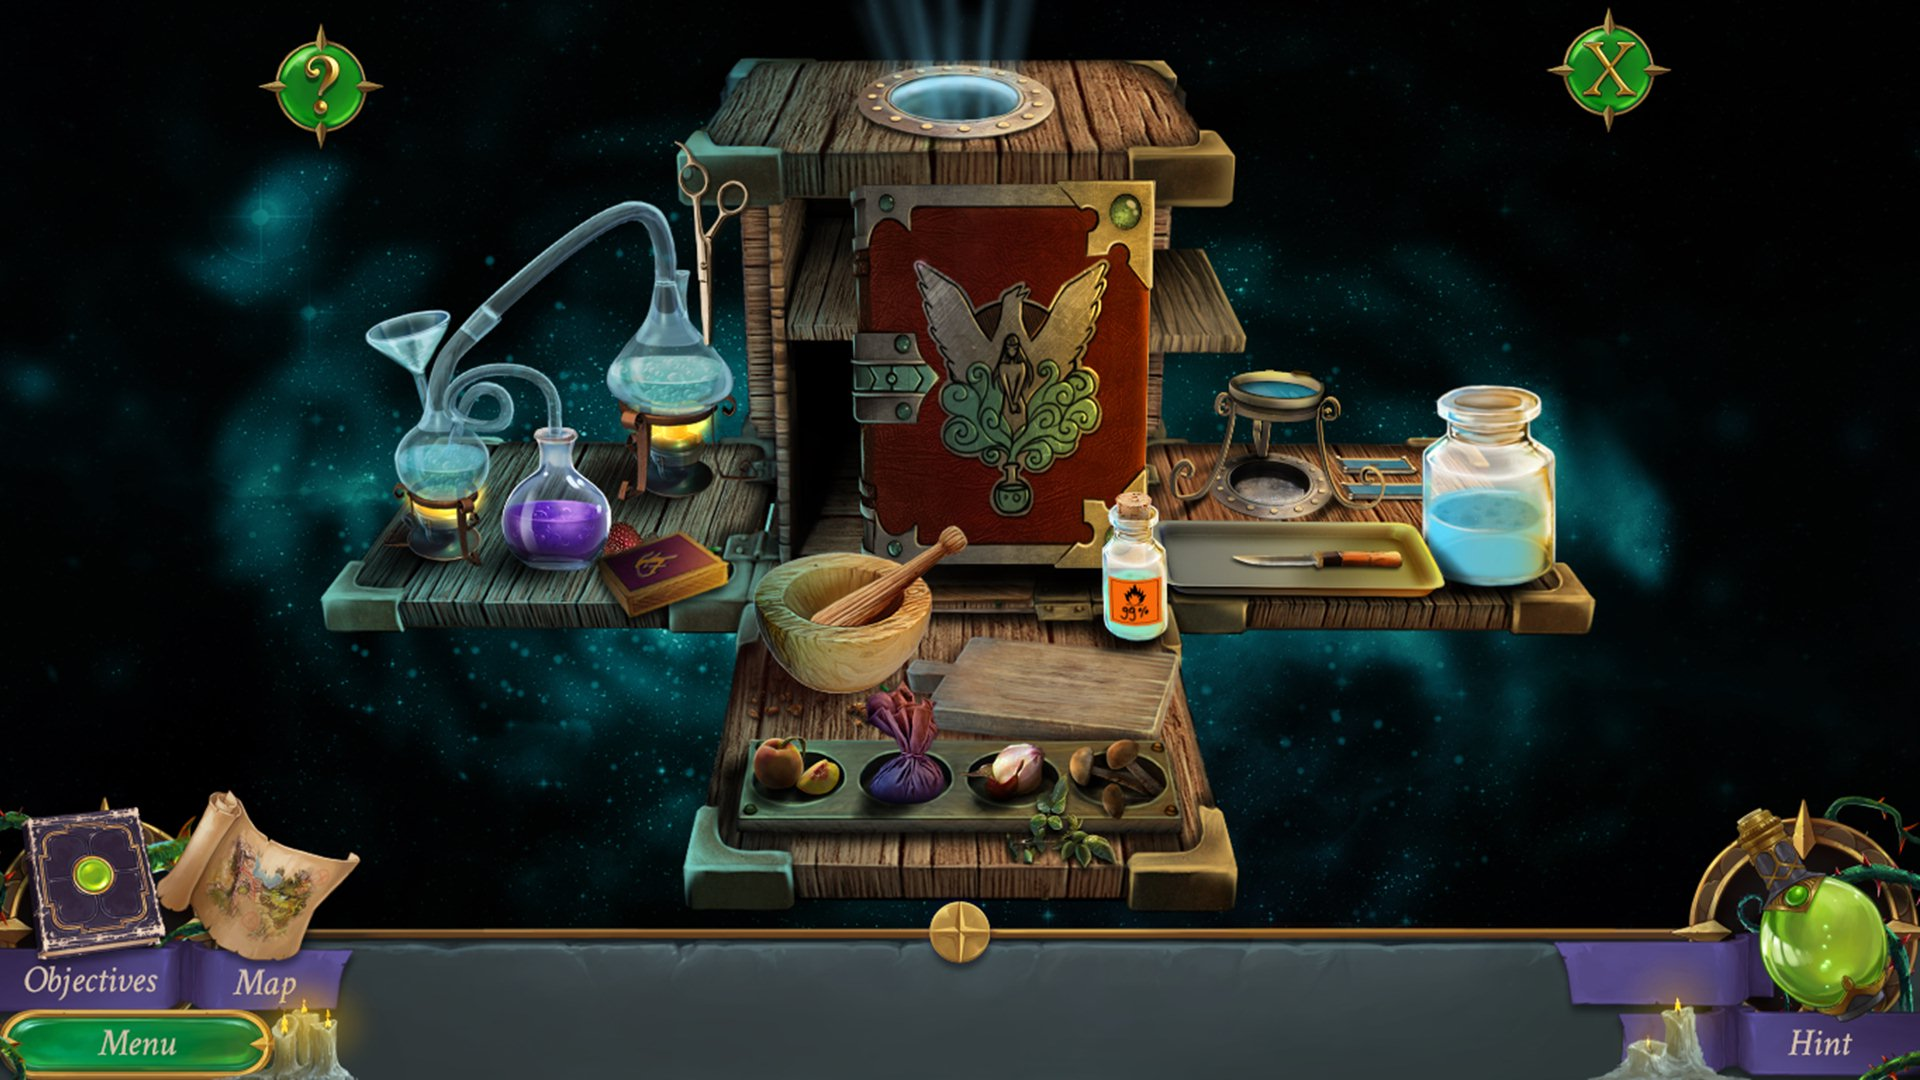 puzzle quest 2 apk español